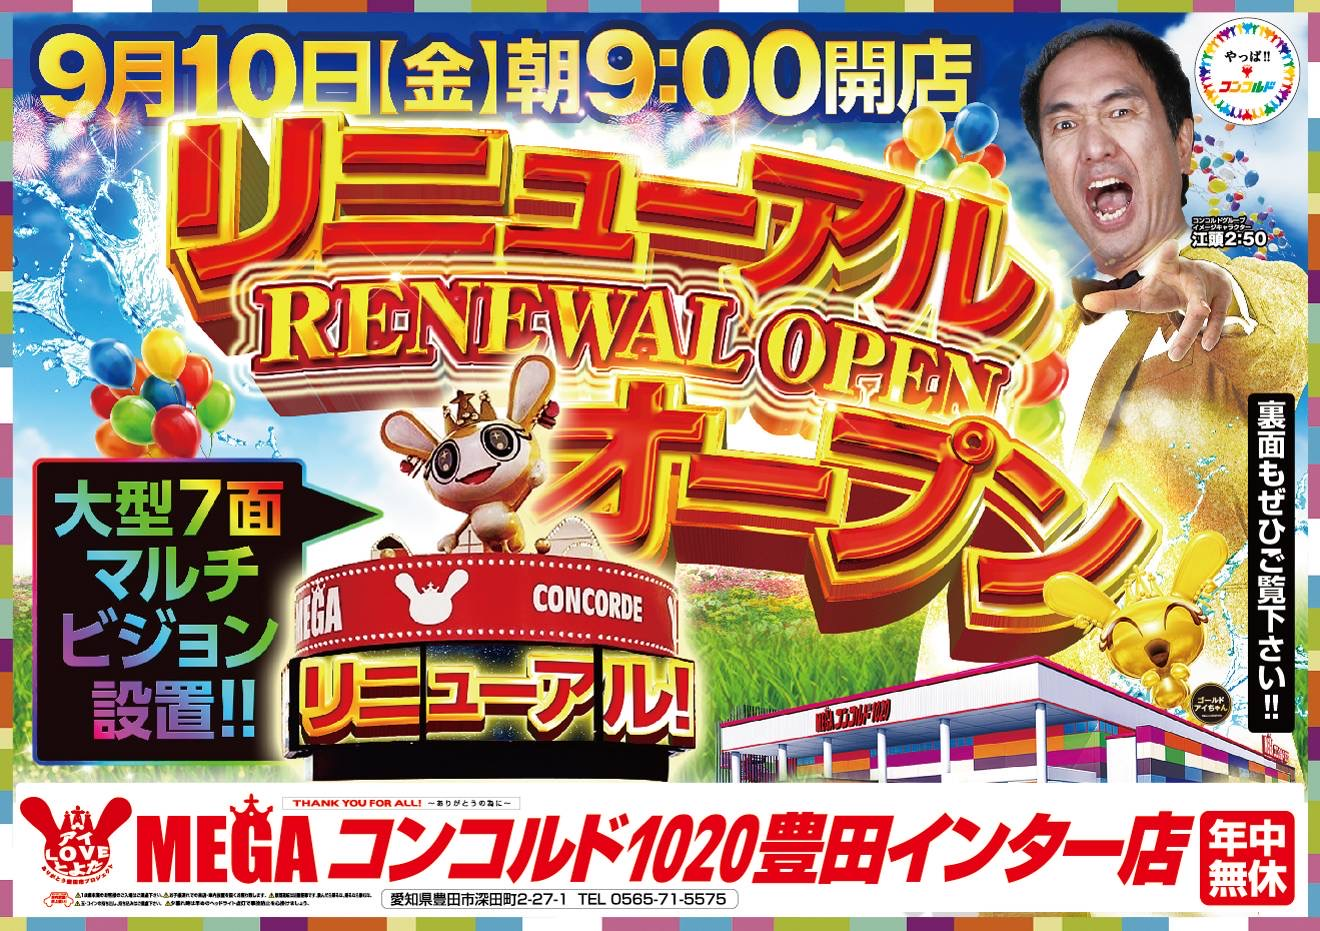 メガコンコルド1020豊田インター店